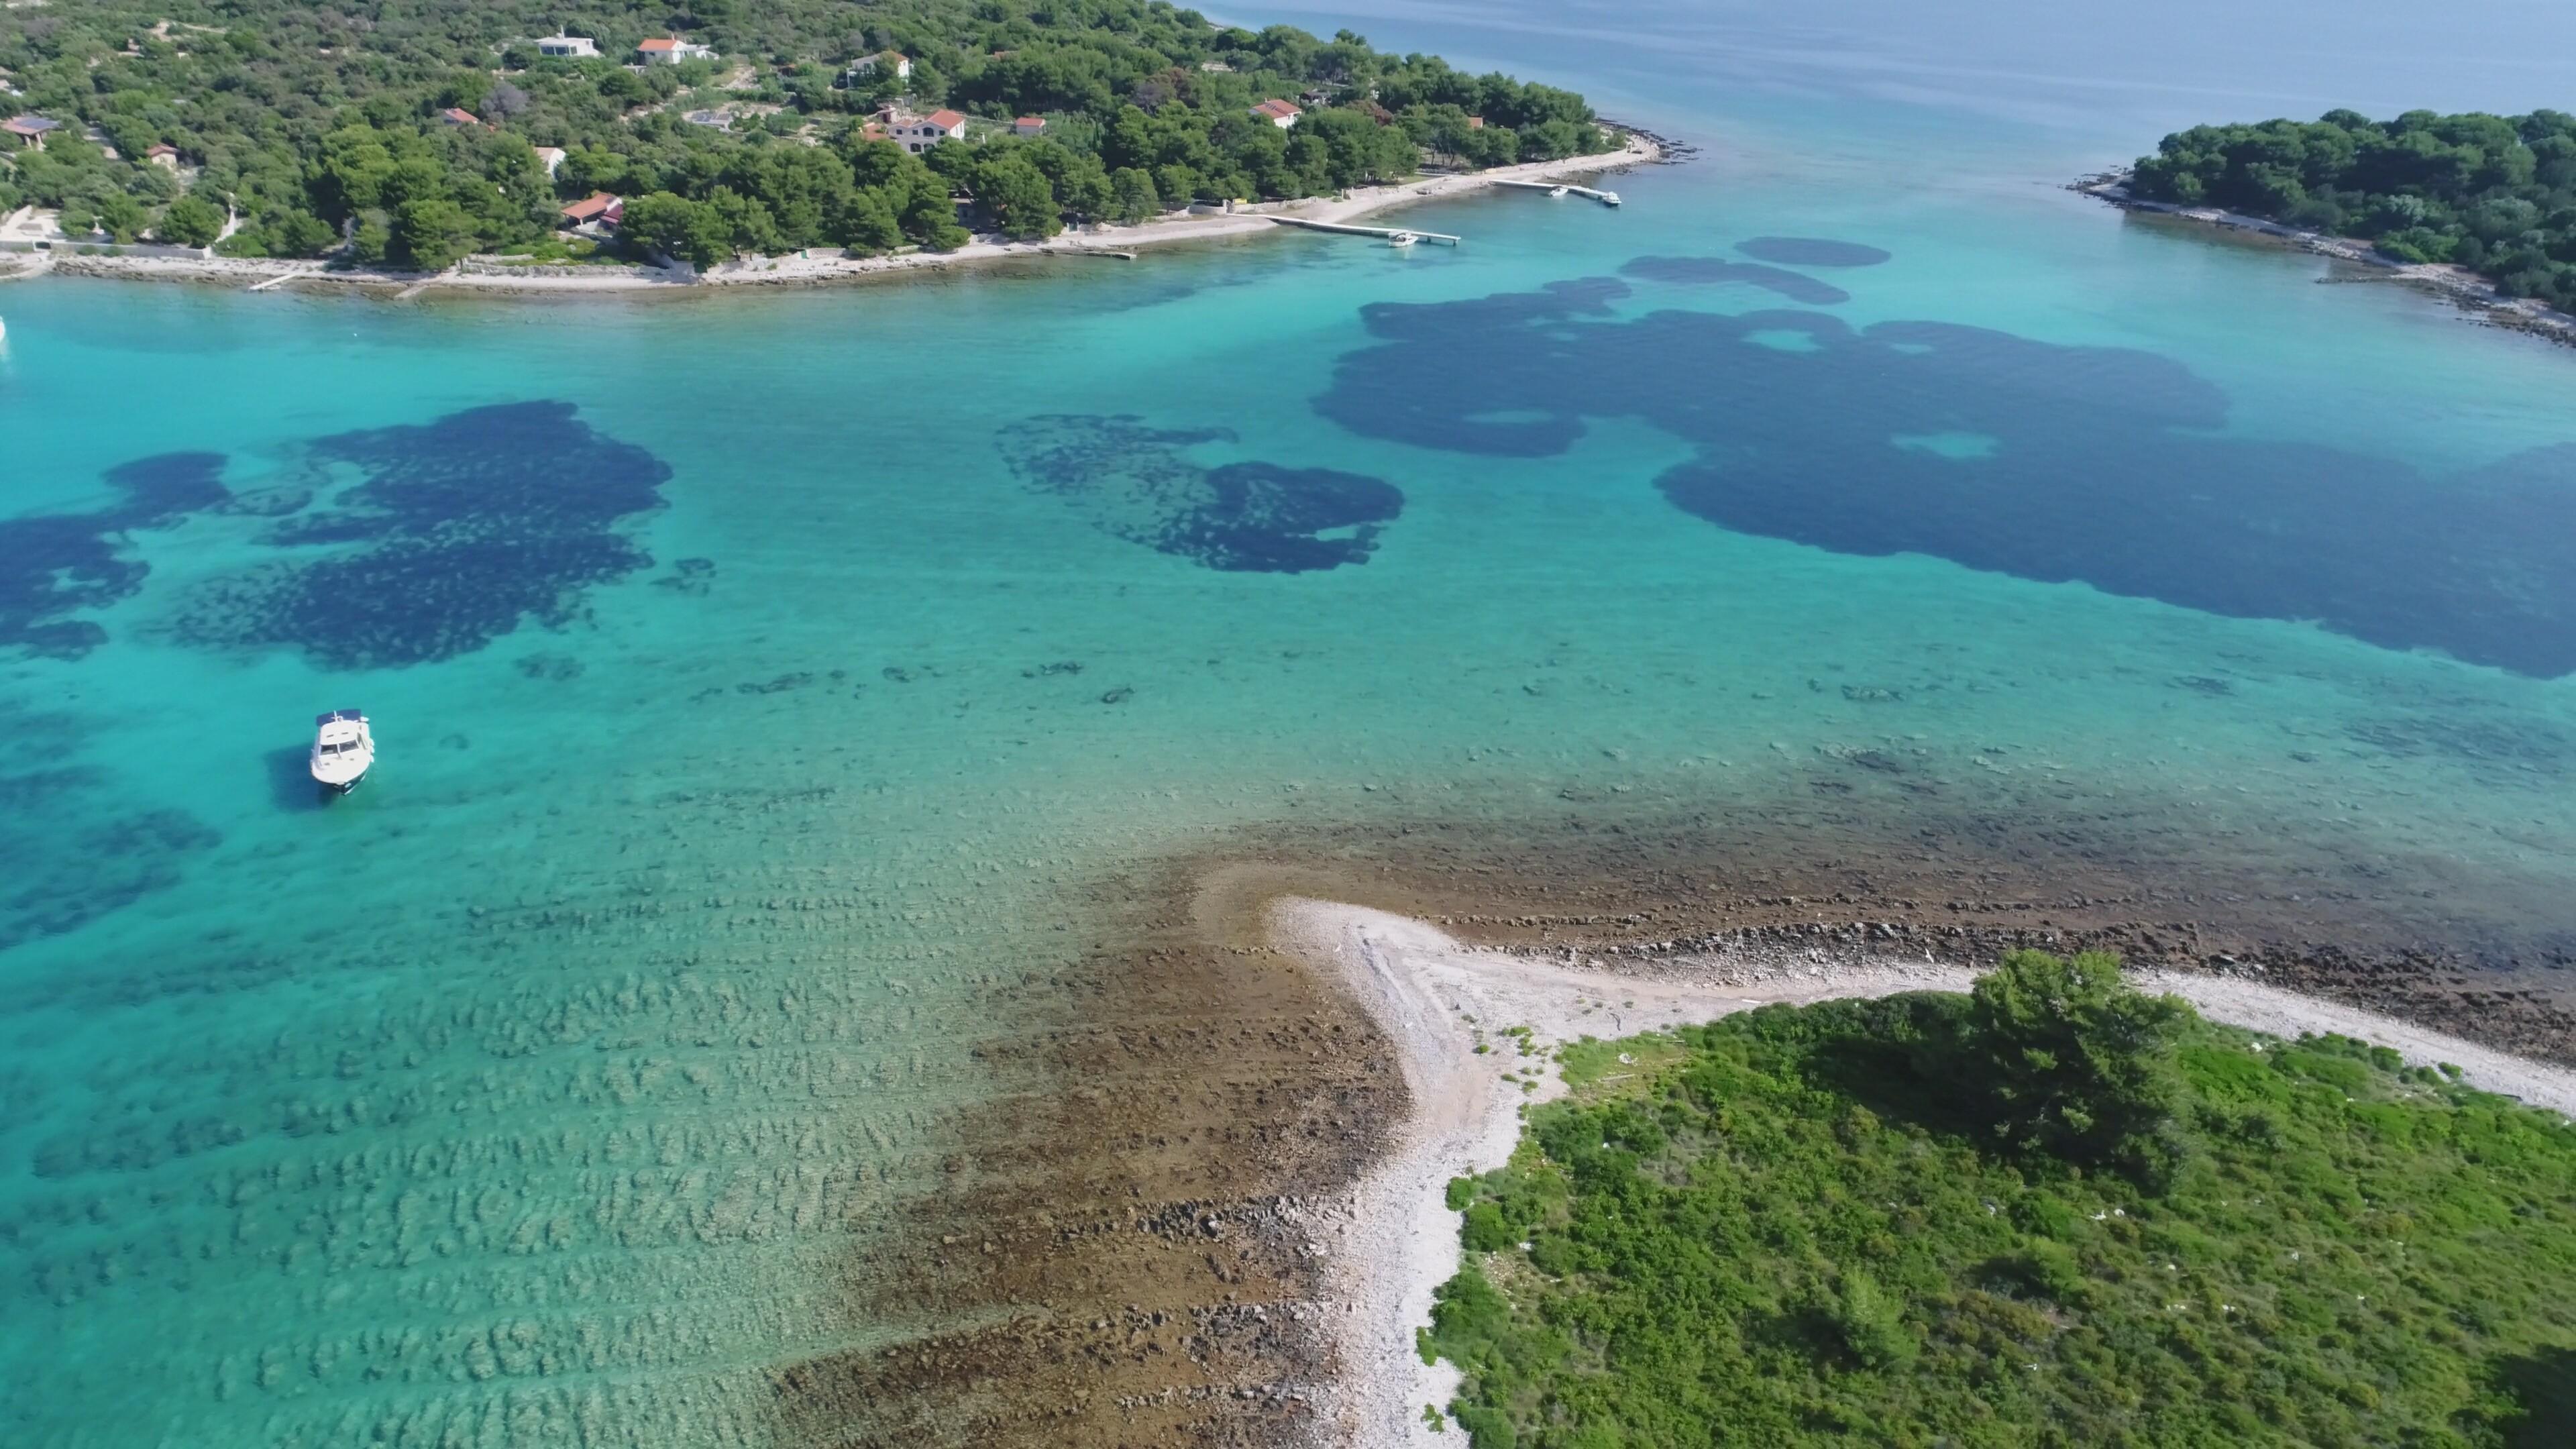 Krknjasi Lagune